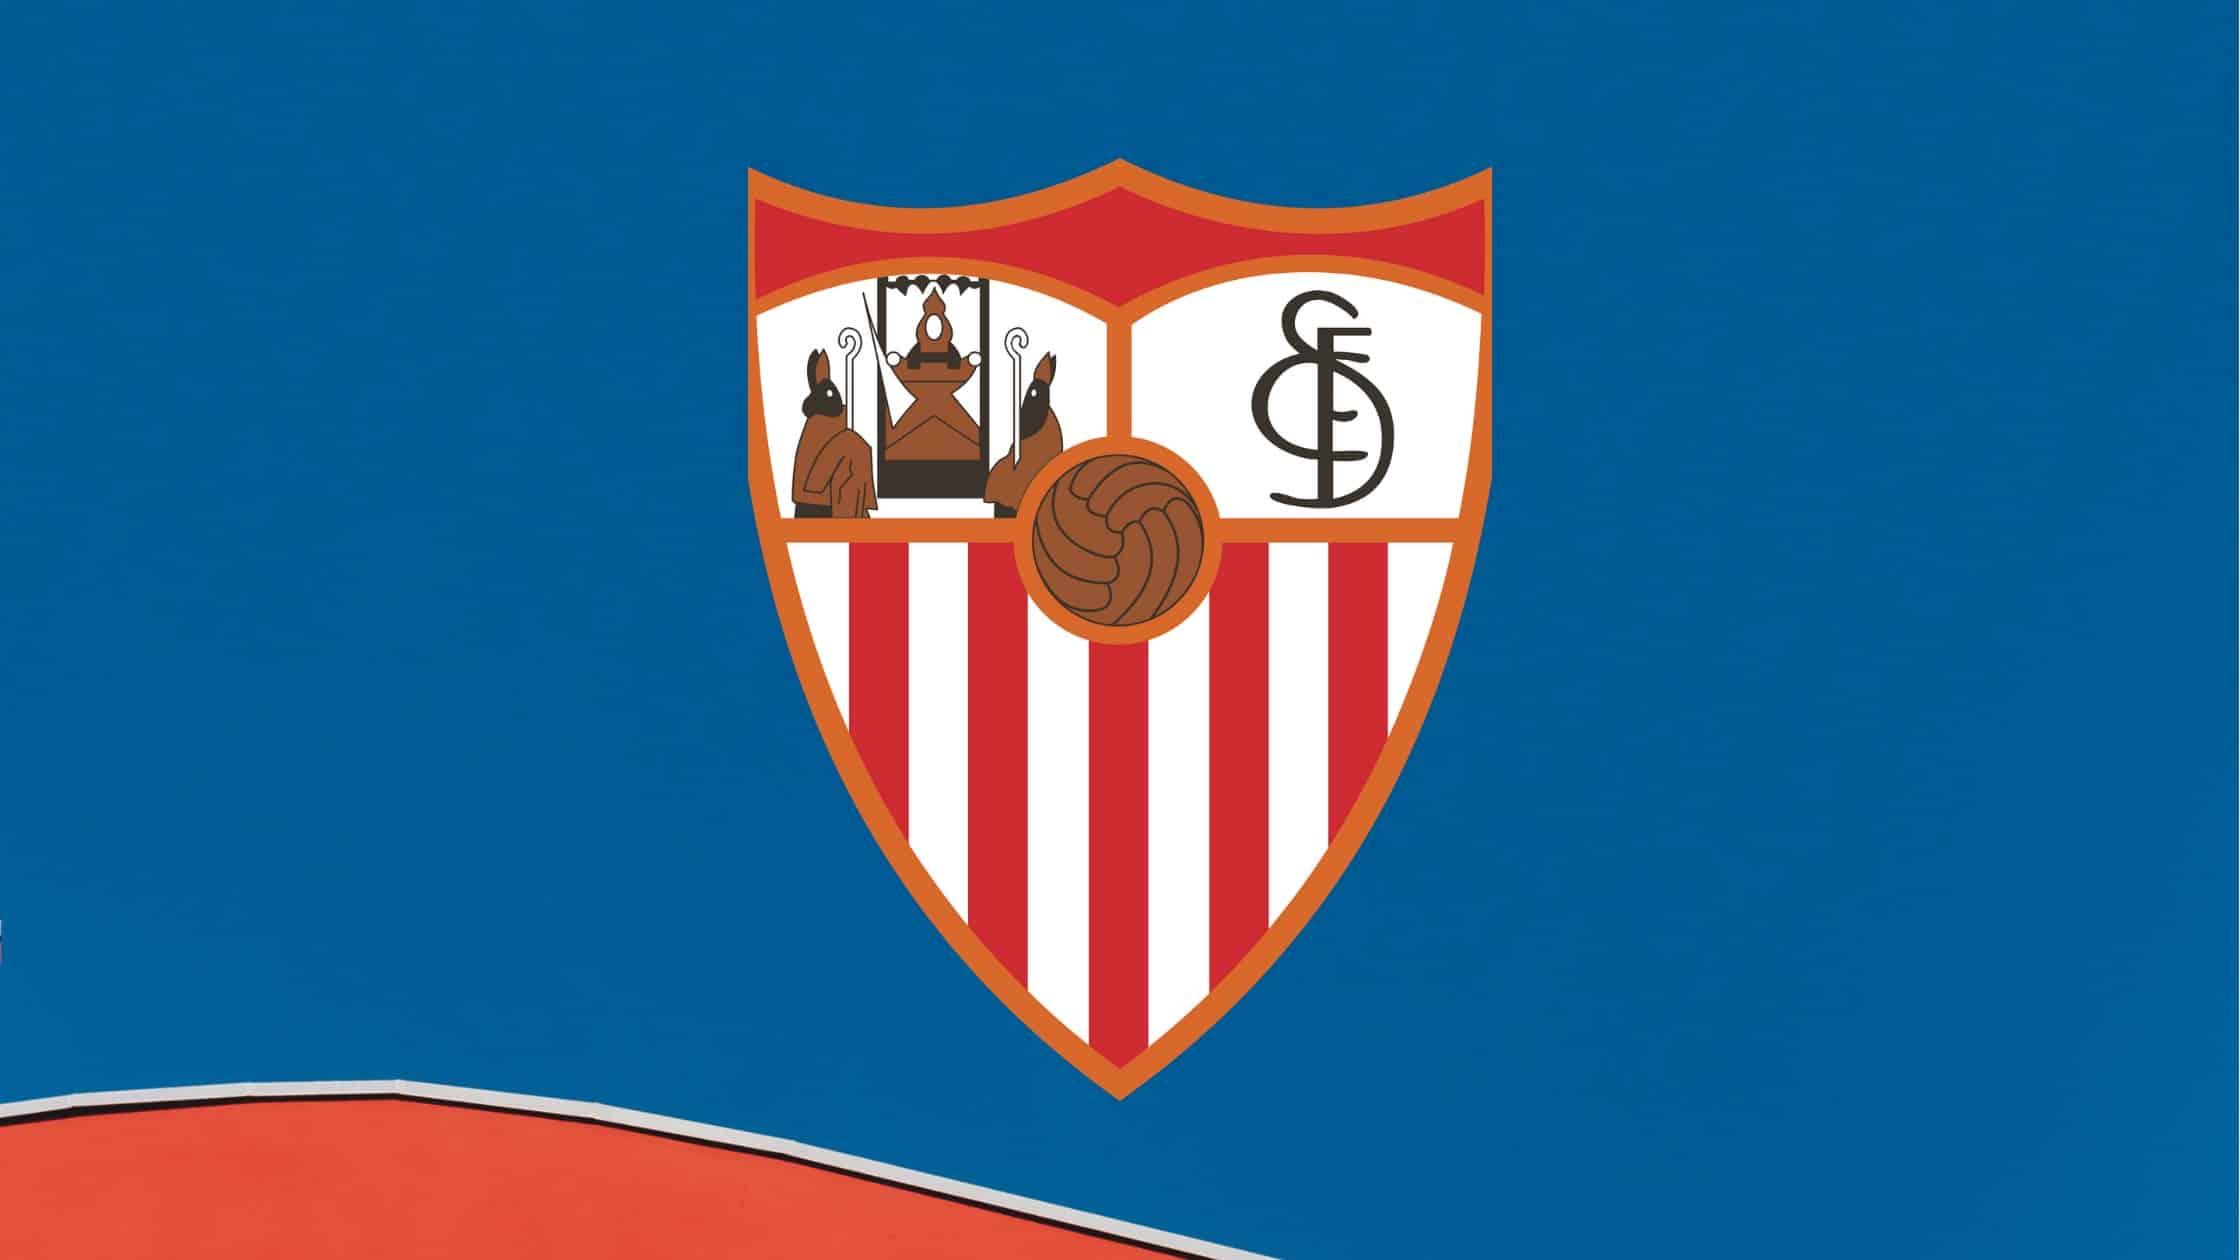 Der FC Sevilla ist der Rekordsieger der Europa League und will sich nun dauerhaft in der Champions League etablieren.